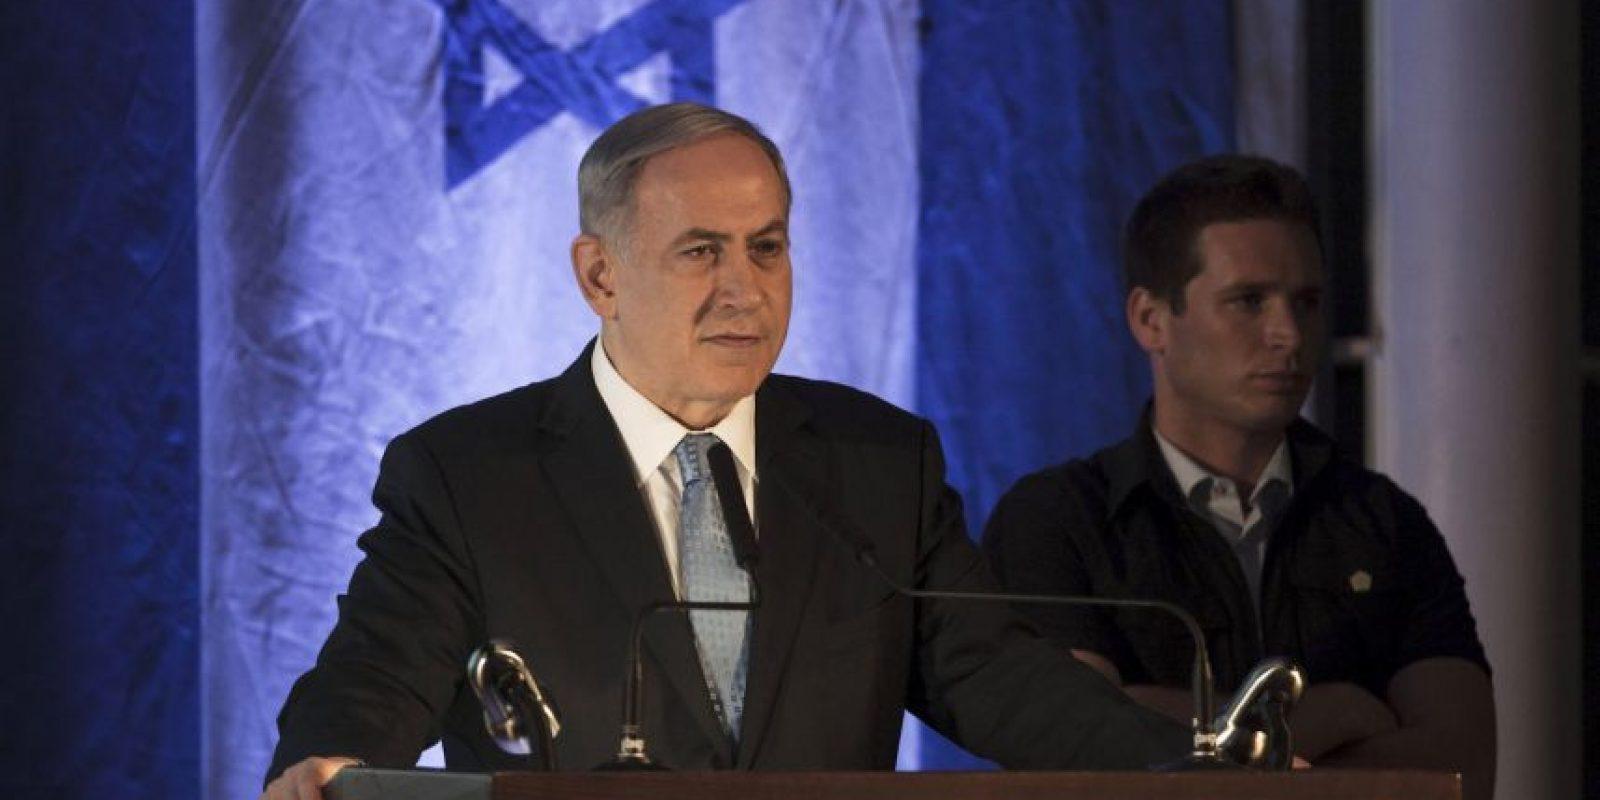 El ejército israelí dijo que el oficial fue amenazado y que siguió el procedimiento de rutina, hecho que asegura Btselem es falso. Foto:AP